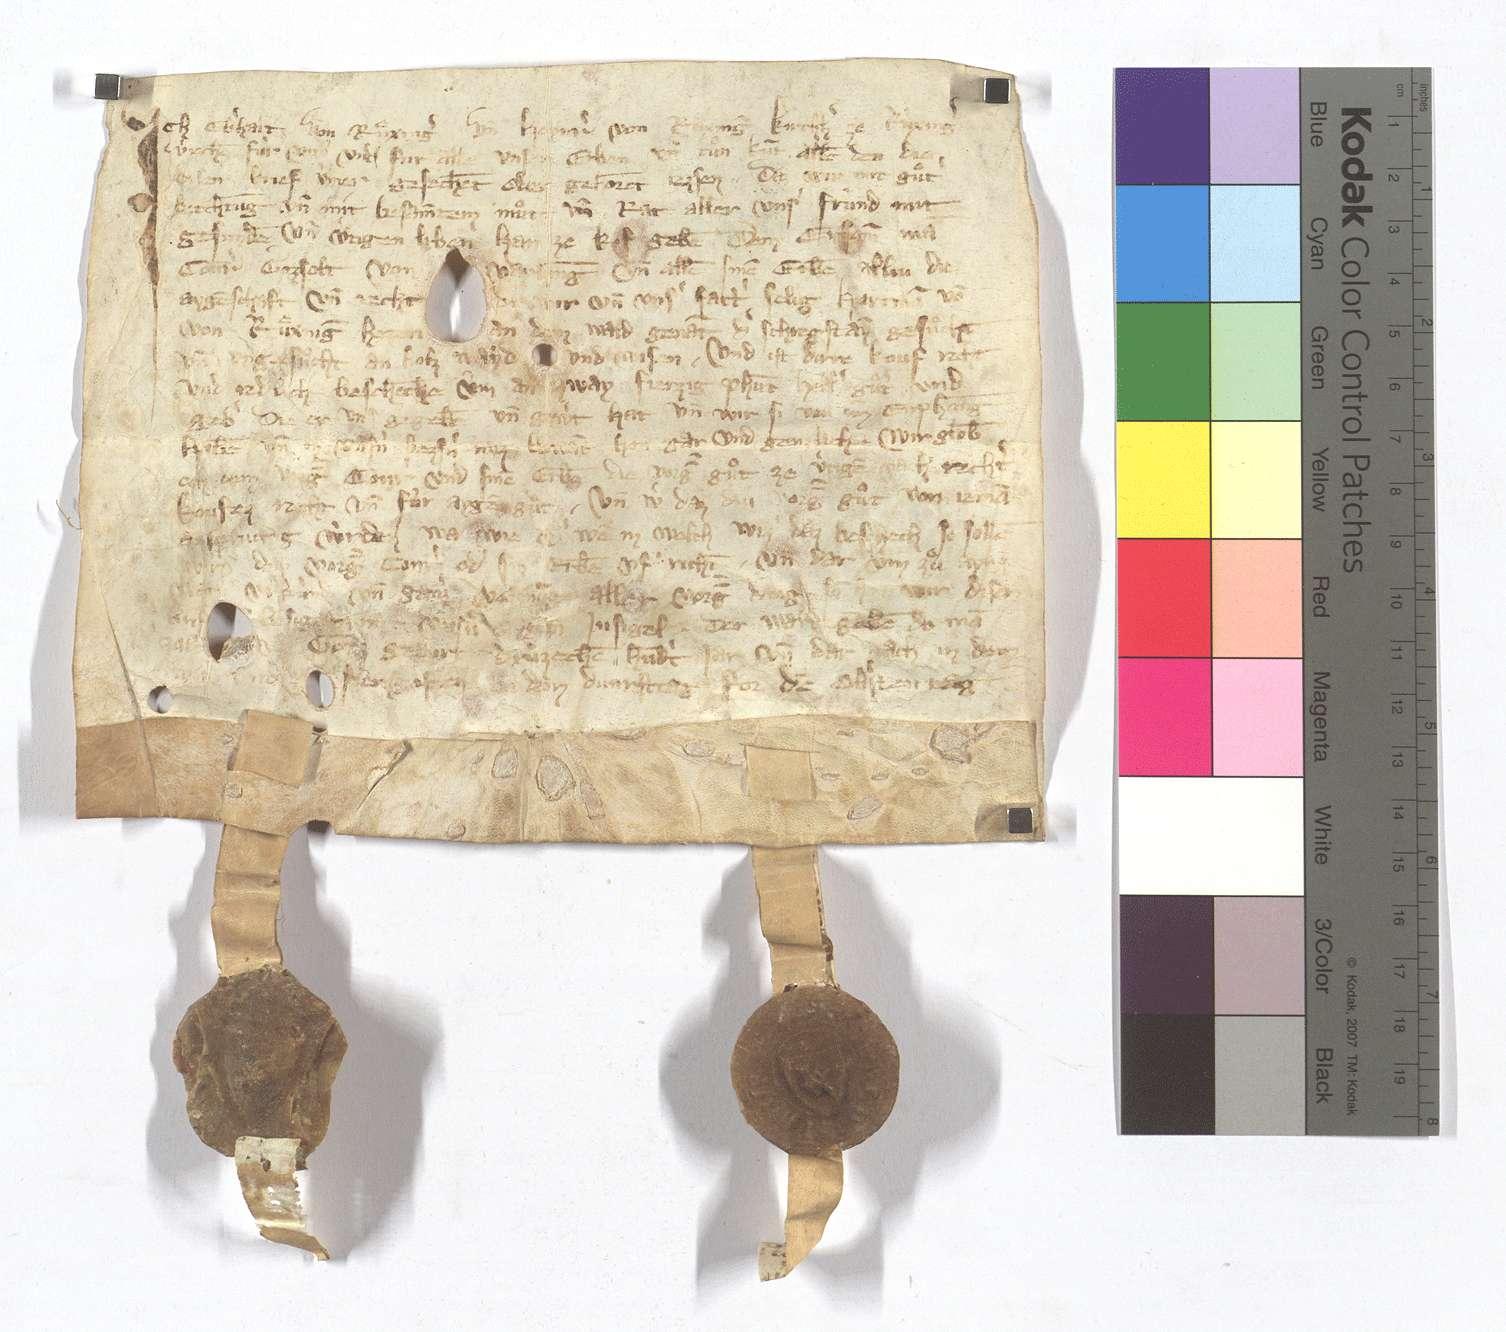 Eberhard von Riexingen verkauft seine Rechte an dem Wald, der Scheckstein genannt, an Conrad Gossolt von Vaihingen., Text